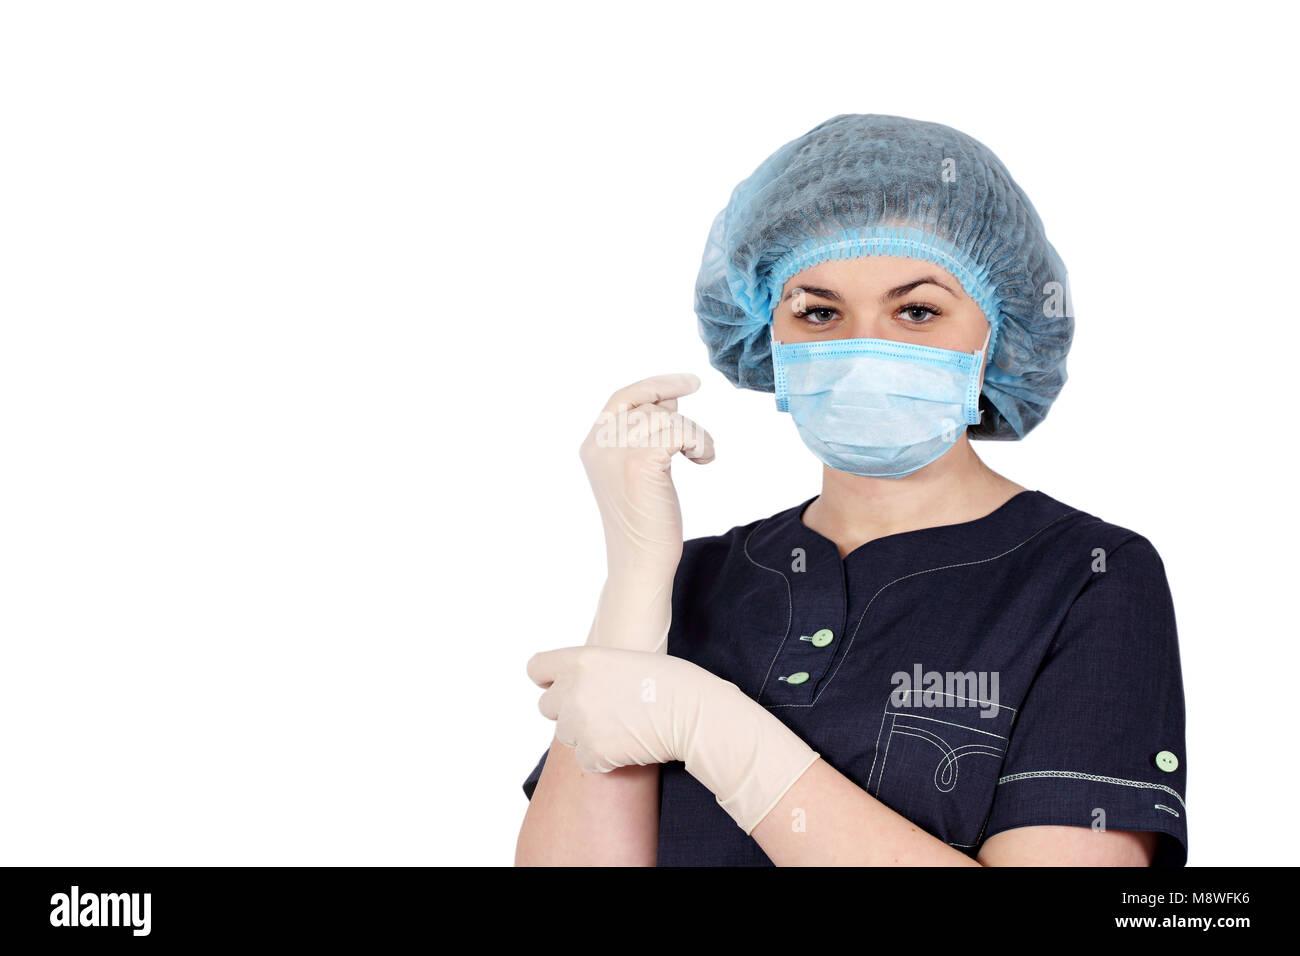 nurse puts on sterile gloves - Stock Image